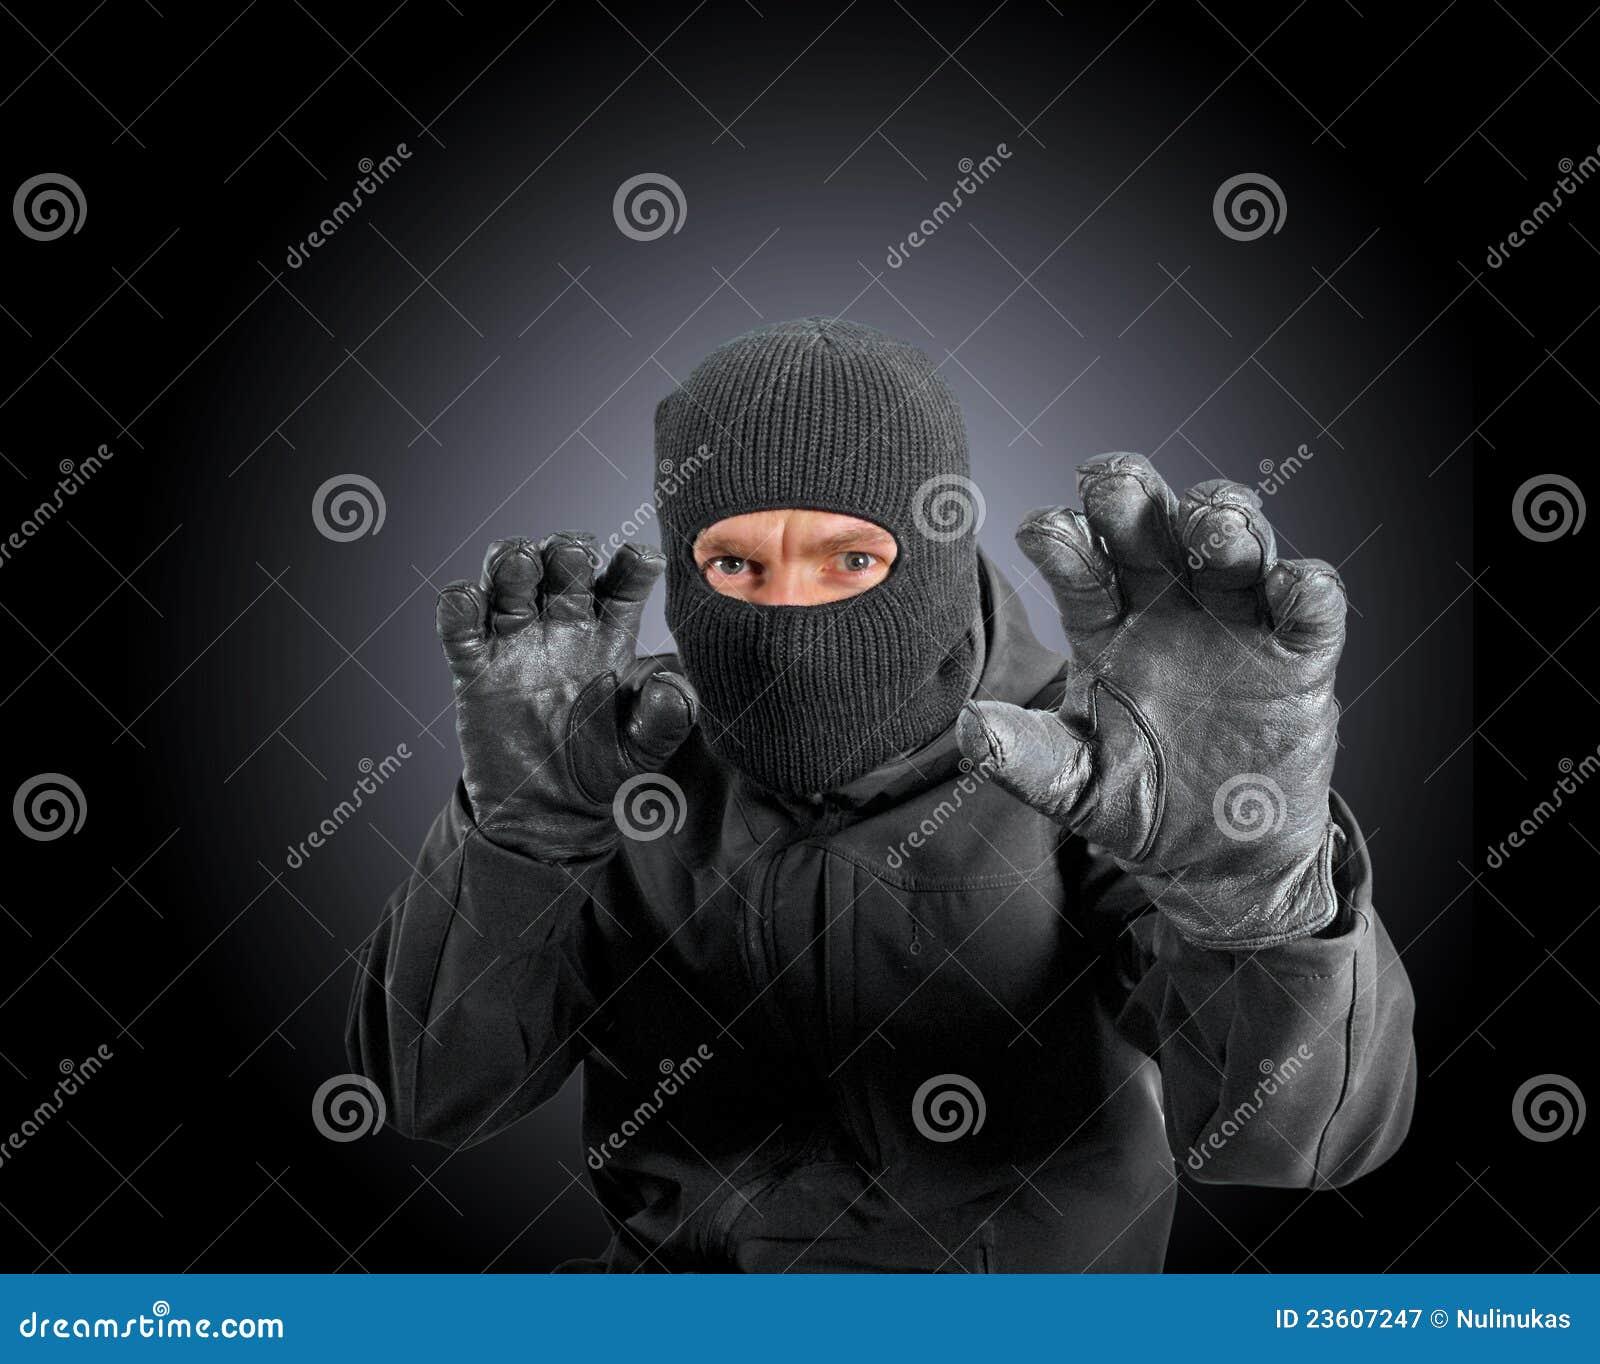 Maskerad brottsling fotografering för bildbyråer. Bild av ... 2305cbbf7e7f3